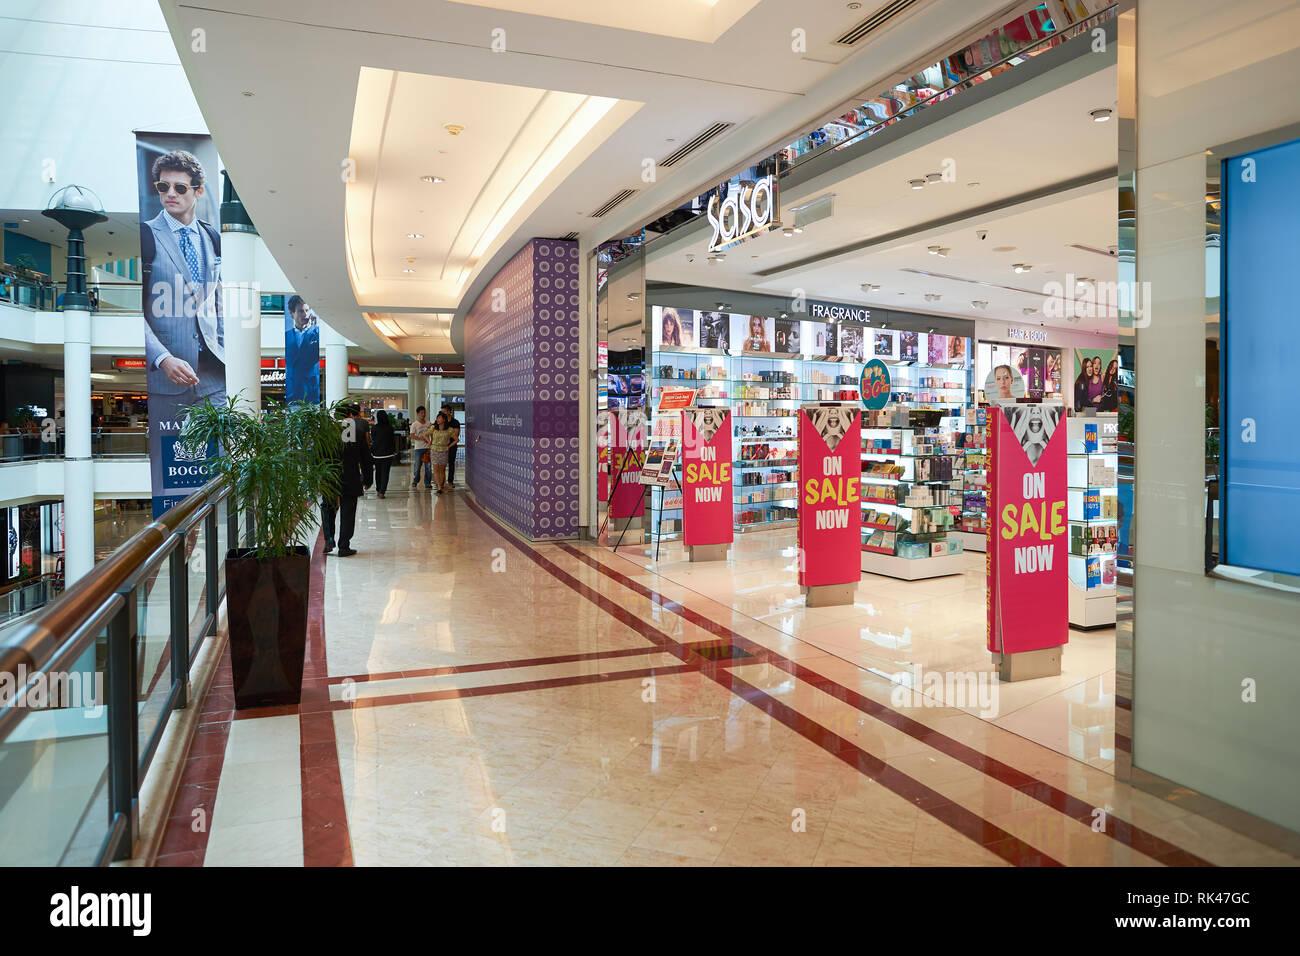 0a808b696e1 Sasa Shop Stock Photos   Sasa Shop Stock Images - Alamy